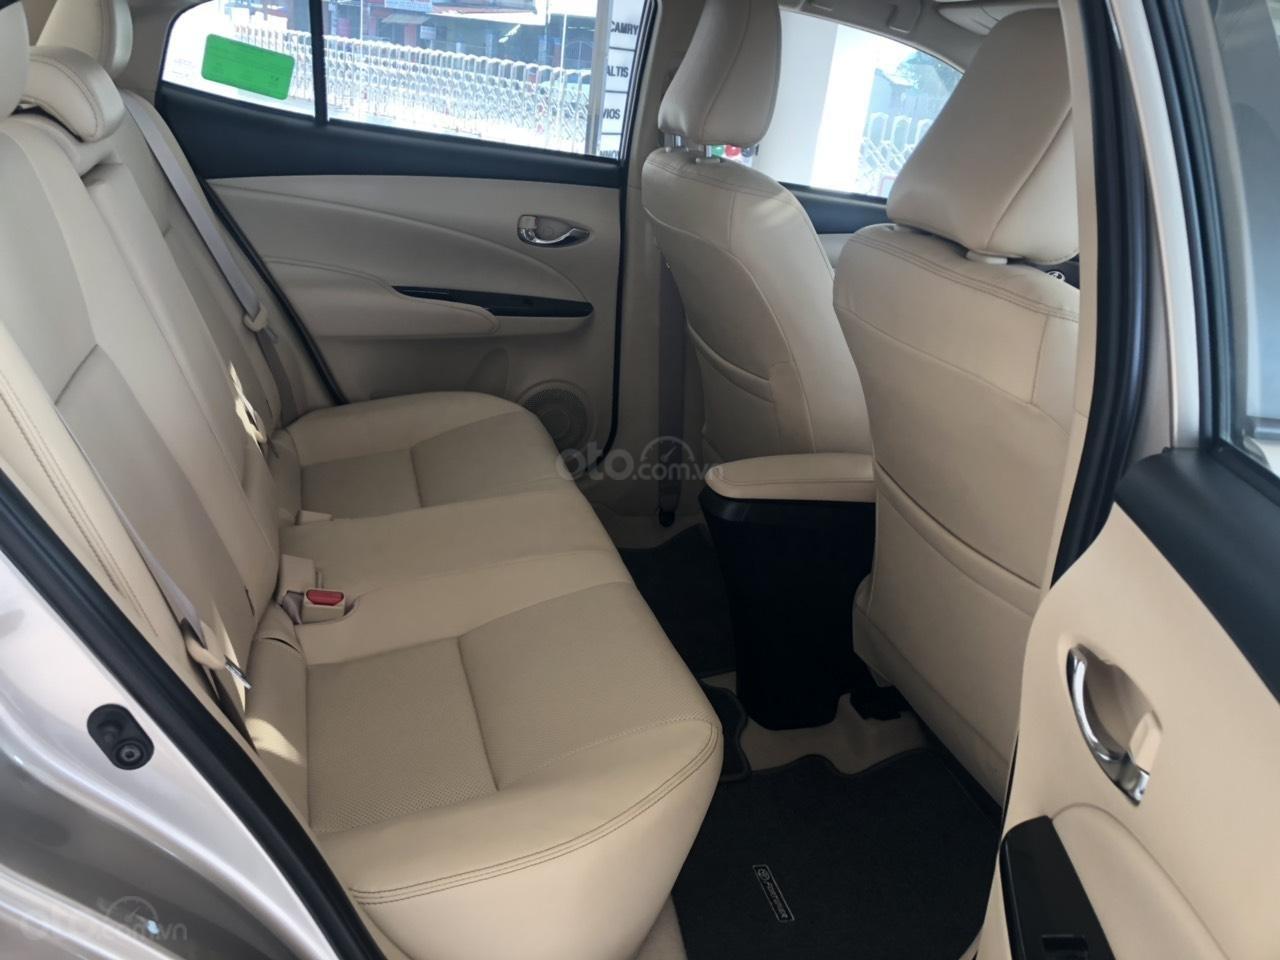 Bán xe Toyota 1.5G CVT sản xuất năm 2019, màu nâu giá cạnh tranh, hỗ trợ vay 85%, thanh toán 140tr nhận xe ngay-4